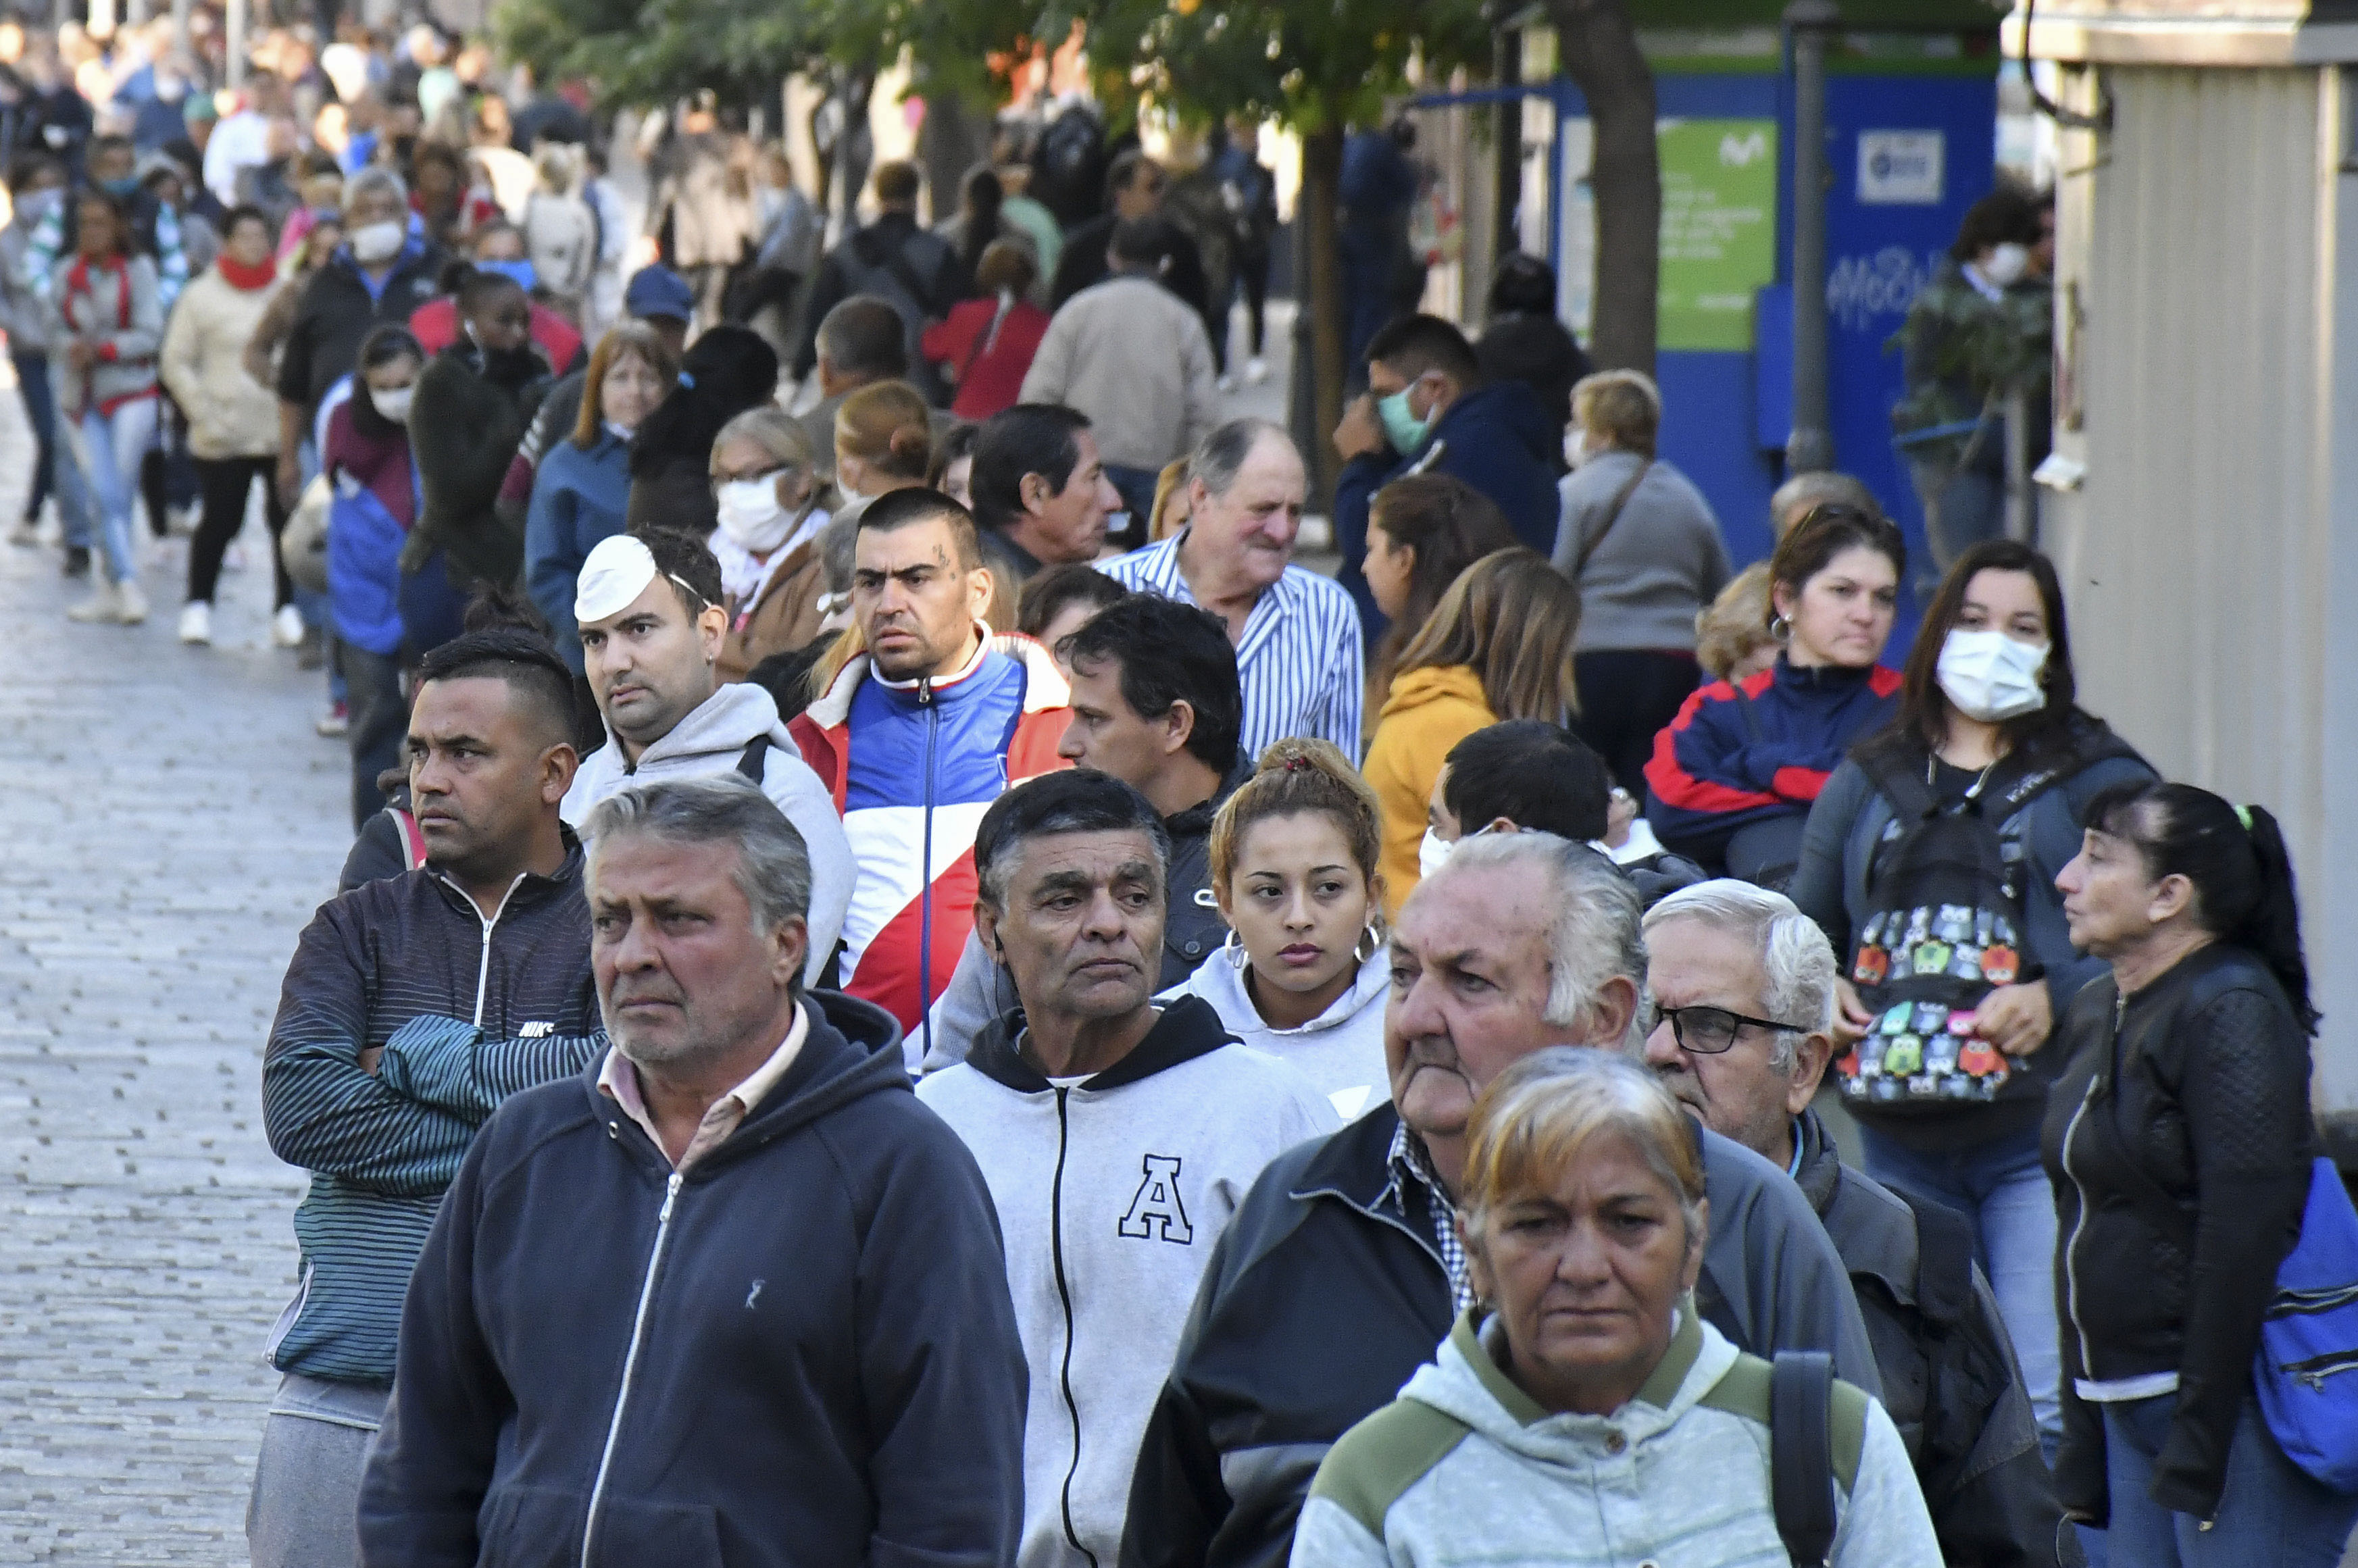 Miles de jubilados se agolpan ante los bancos argentinos y se exponen a un contagio masivo